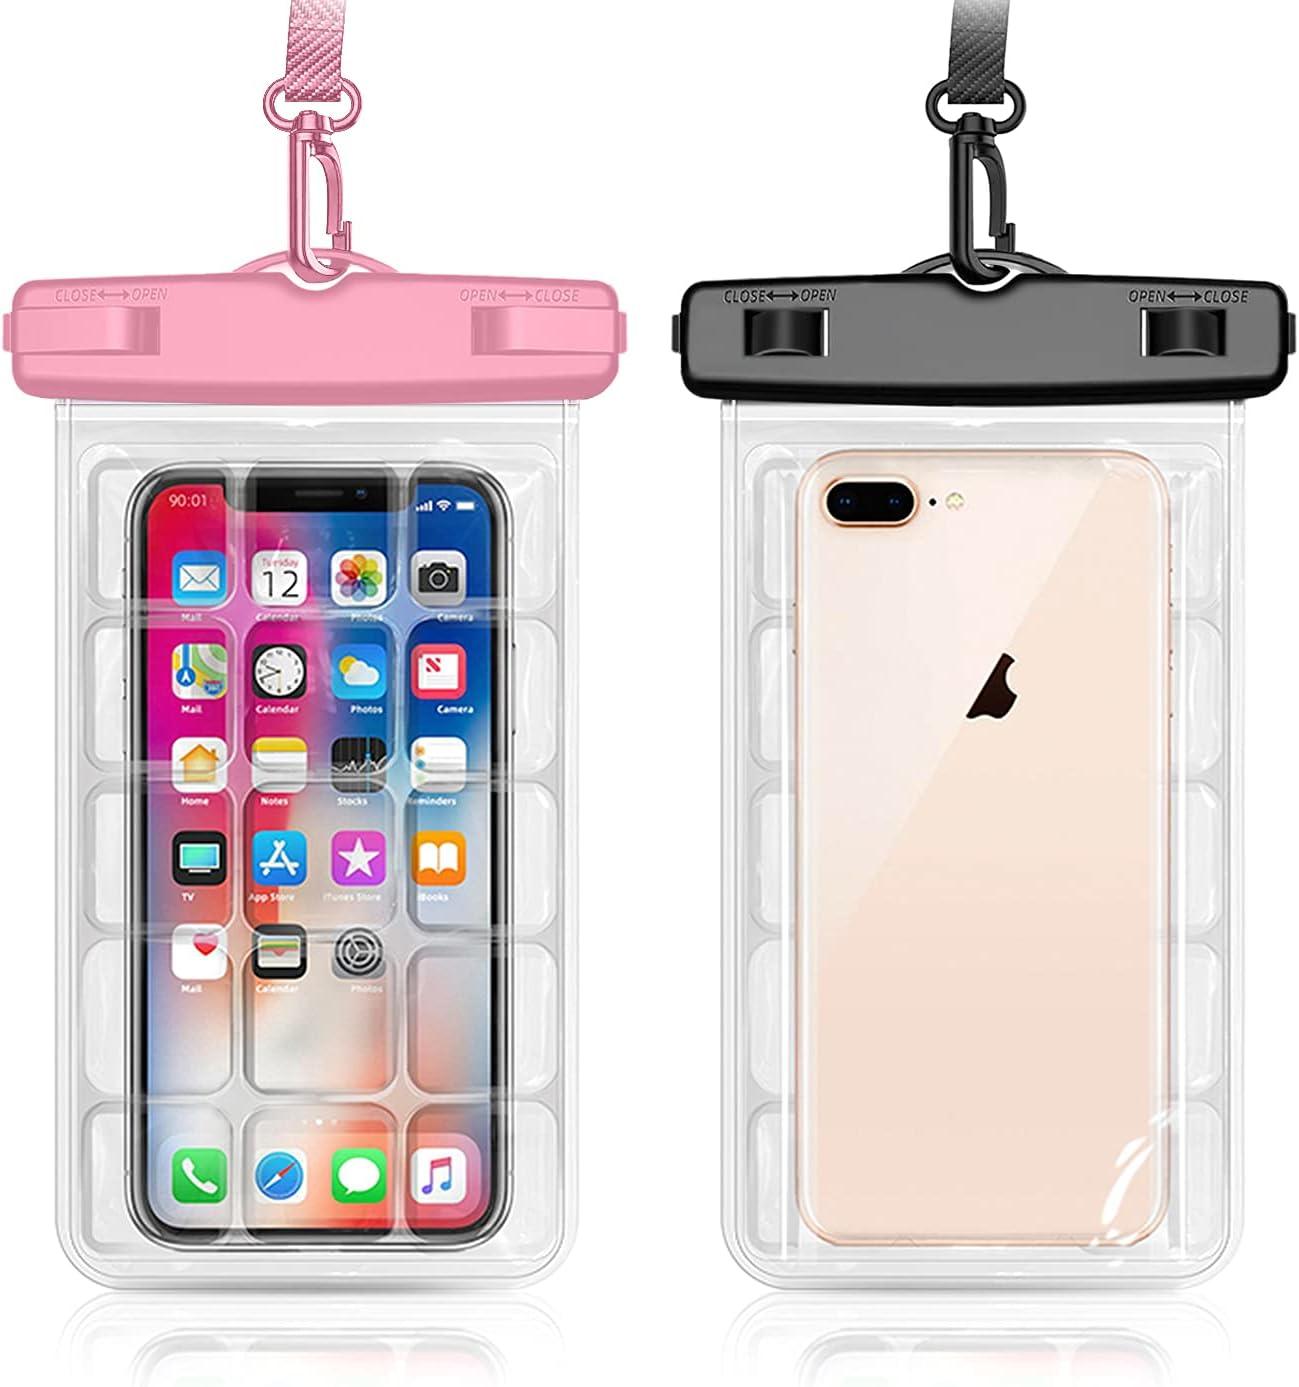 Weuiean Waterproof Phone Case Underwater Waterproof Phone Bag Phone Dry Bag for iPhone 12/11/SE/XS/XR 8/7/6Plus, Samsung S21/20/10/10+/Note up to 7.2 inch - 2Pack Black + Pink